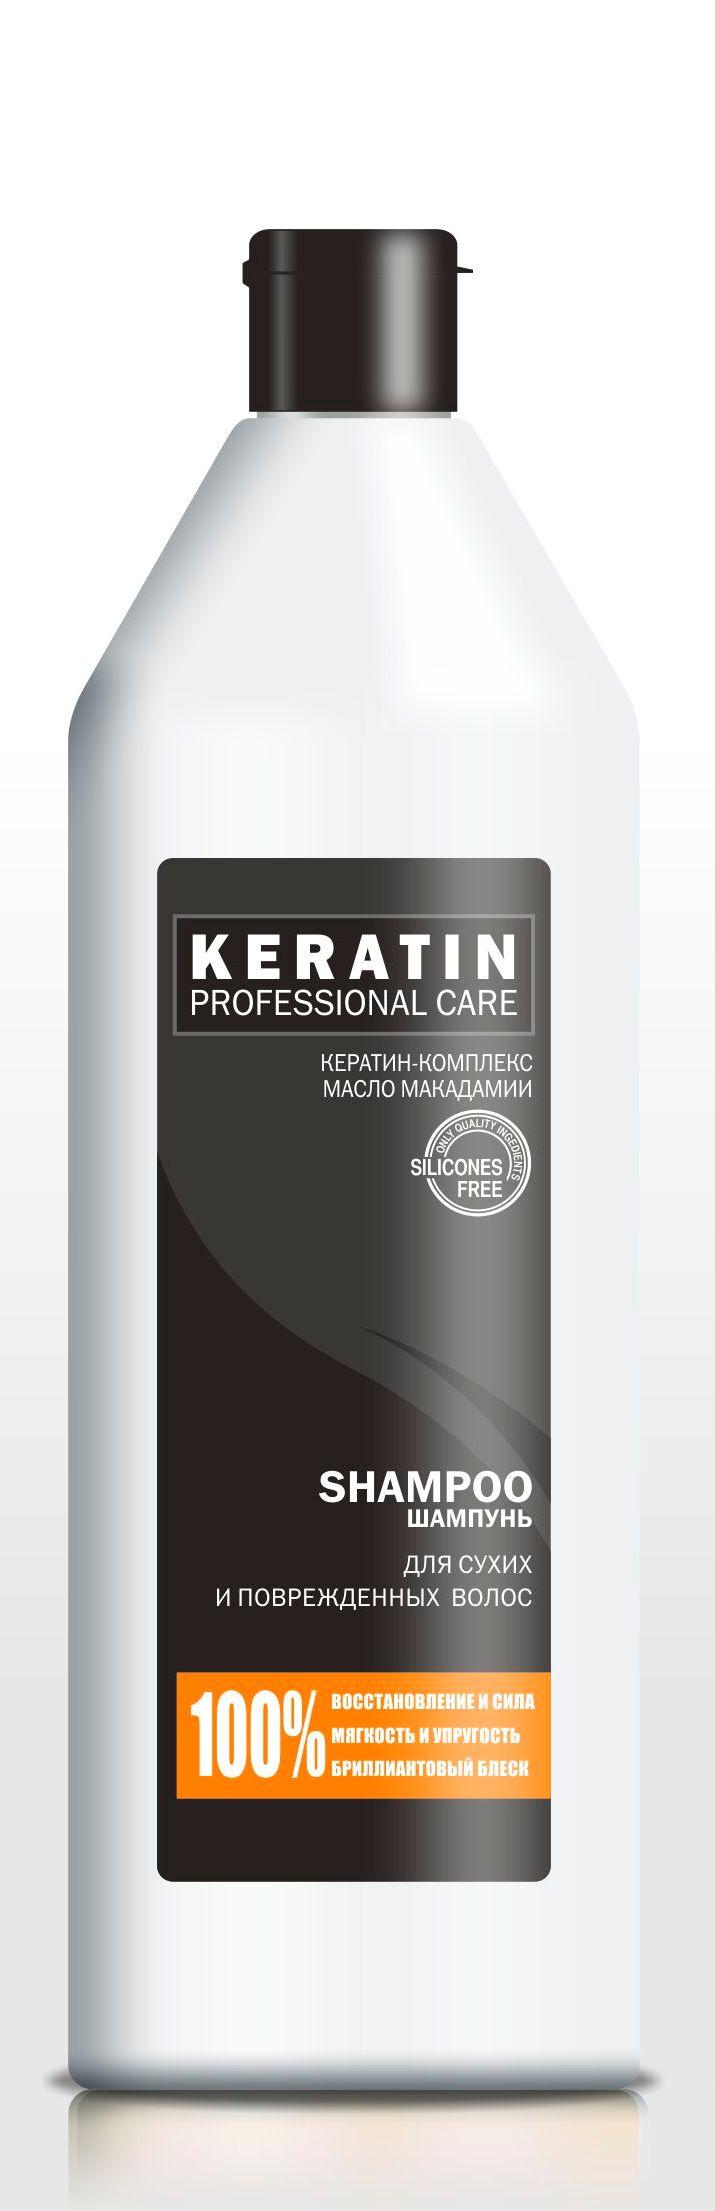 Шампунь для волос PROFESSIONAL CARE KERATIN